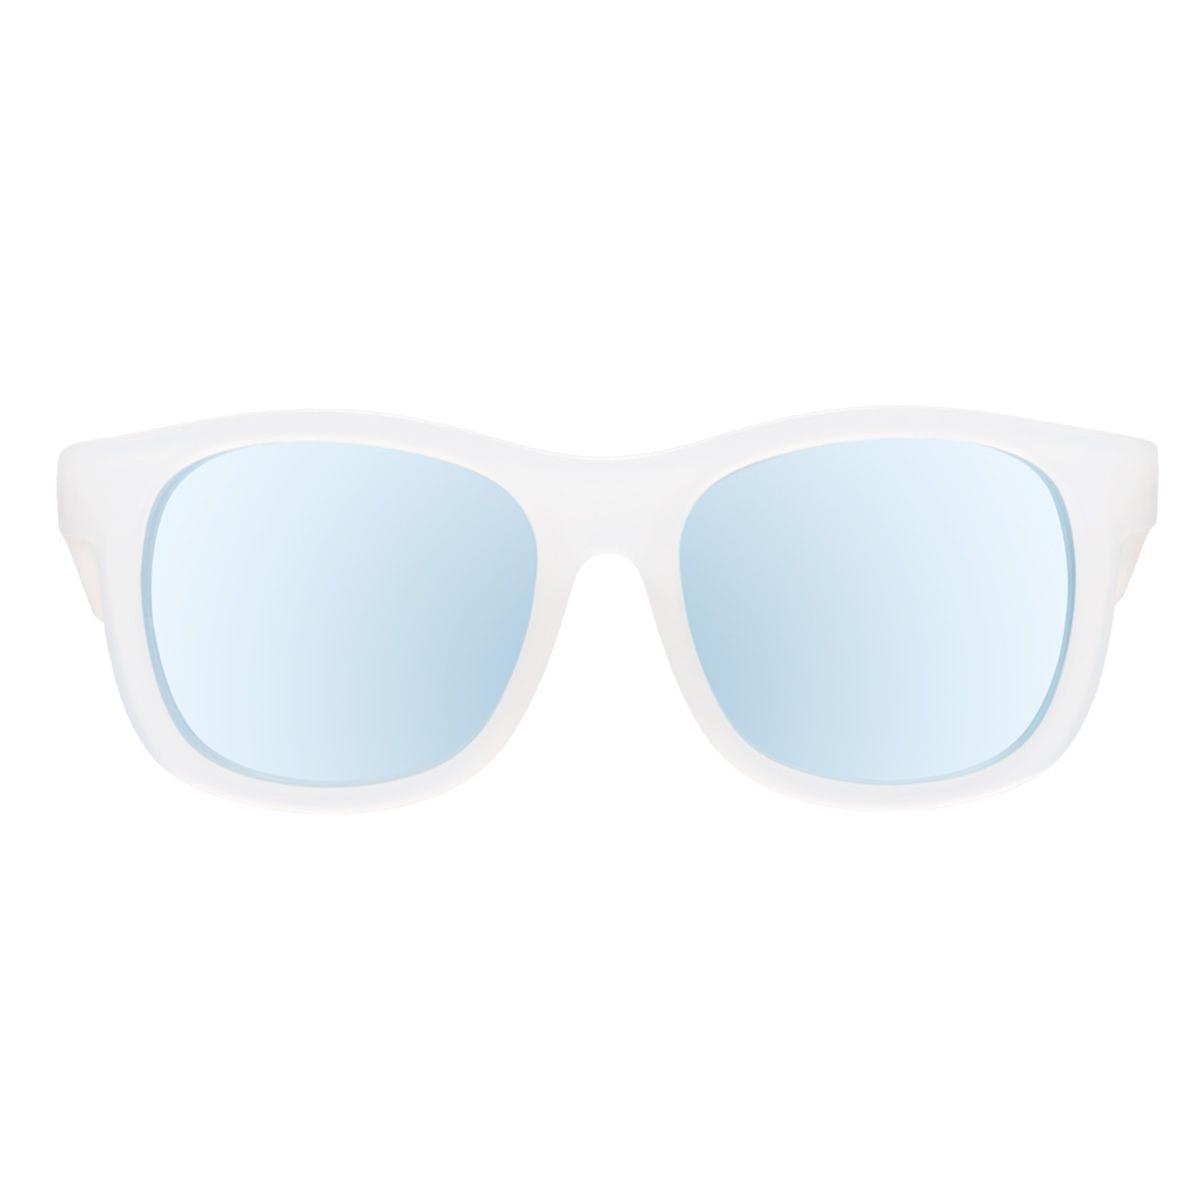 Солнцезащитные очки Babiators Blue series Polarized Navigator Junior (0-2), BLU-028